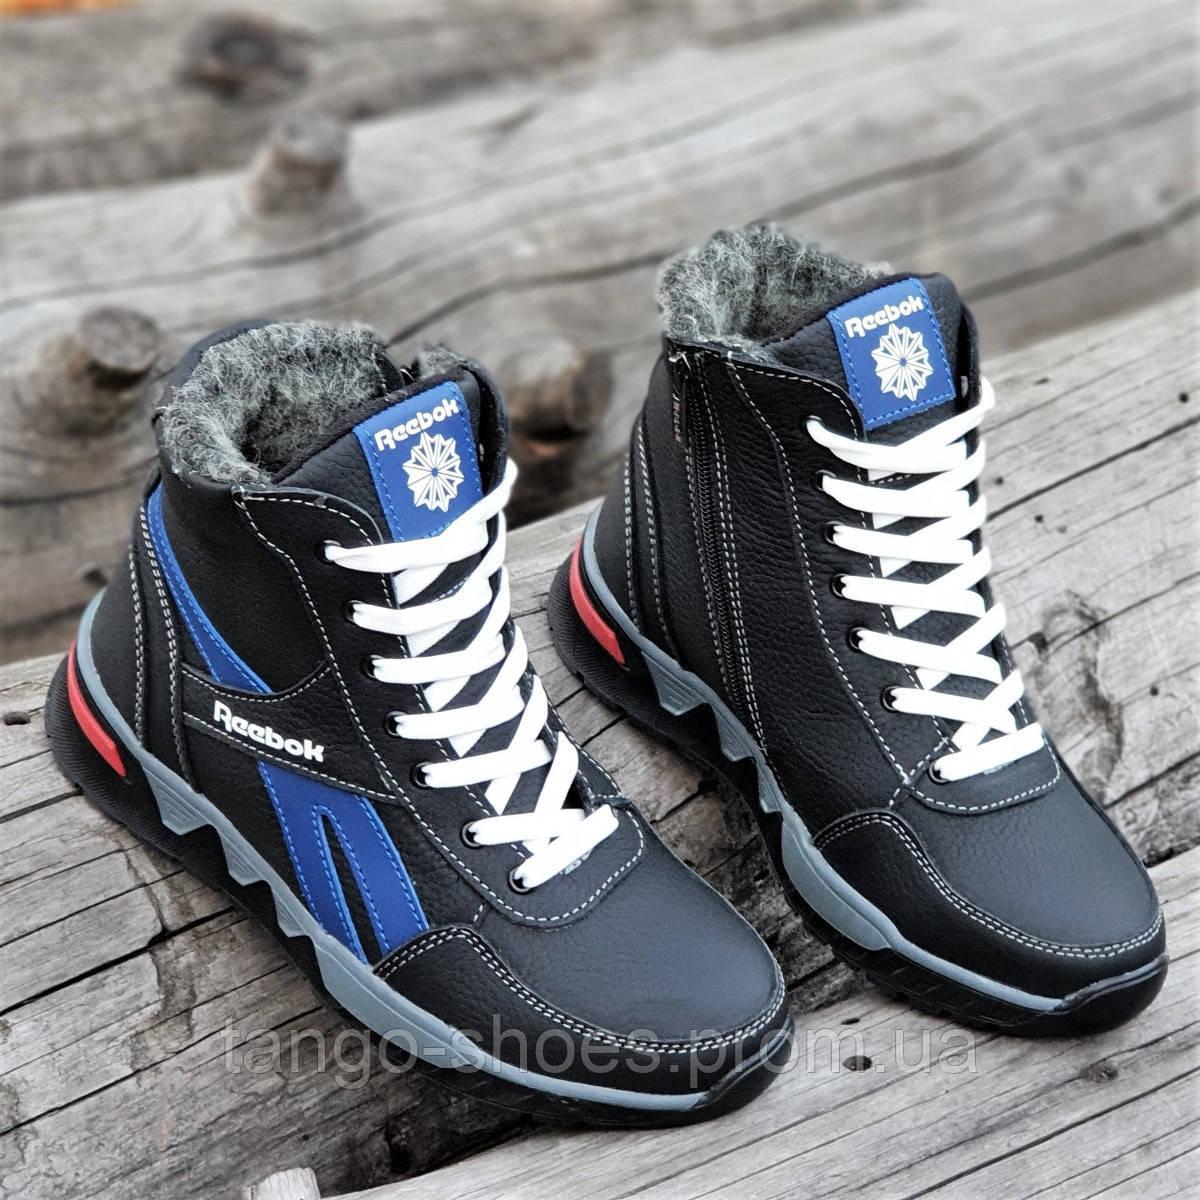 b62690e82 Подростковые зимние высокие кроссовки ботинки Reebok реплика мужские  кожаные черные на меху (Код: Т1255a